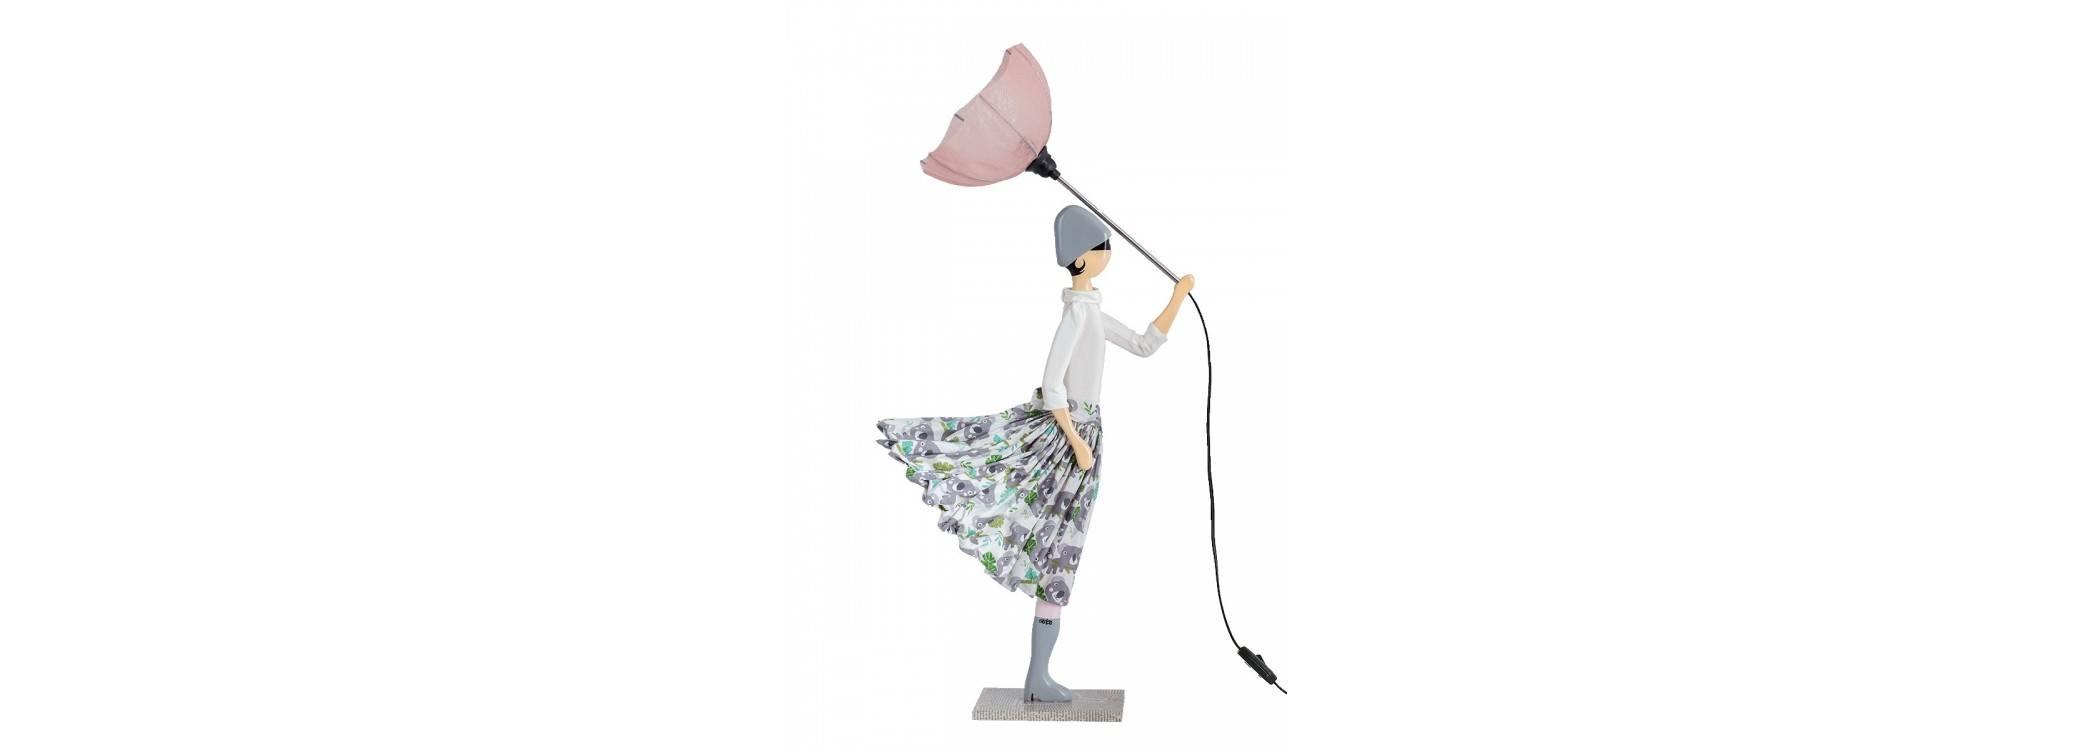 Lampe femme au parapluie - Mella